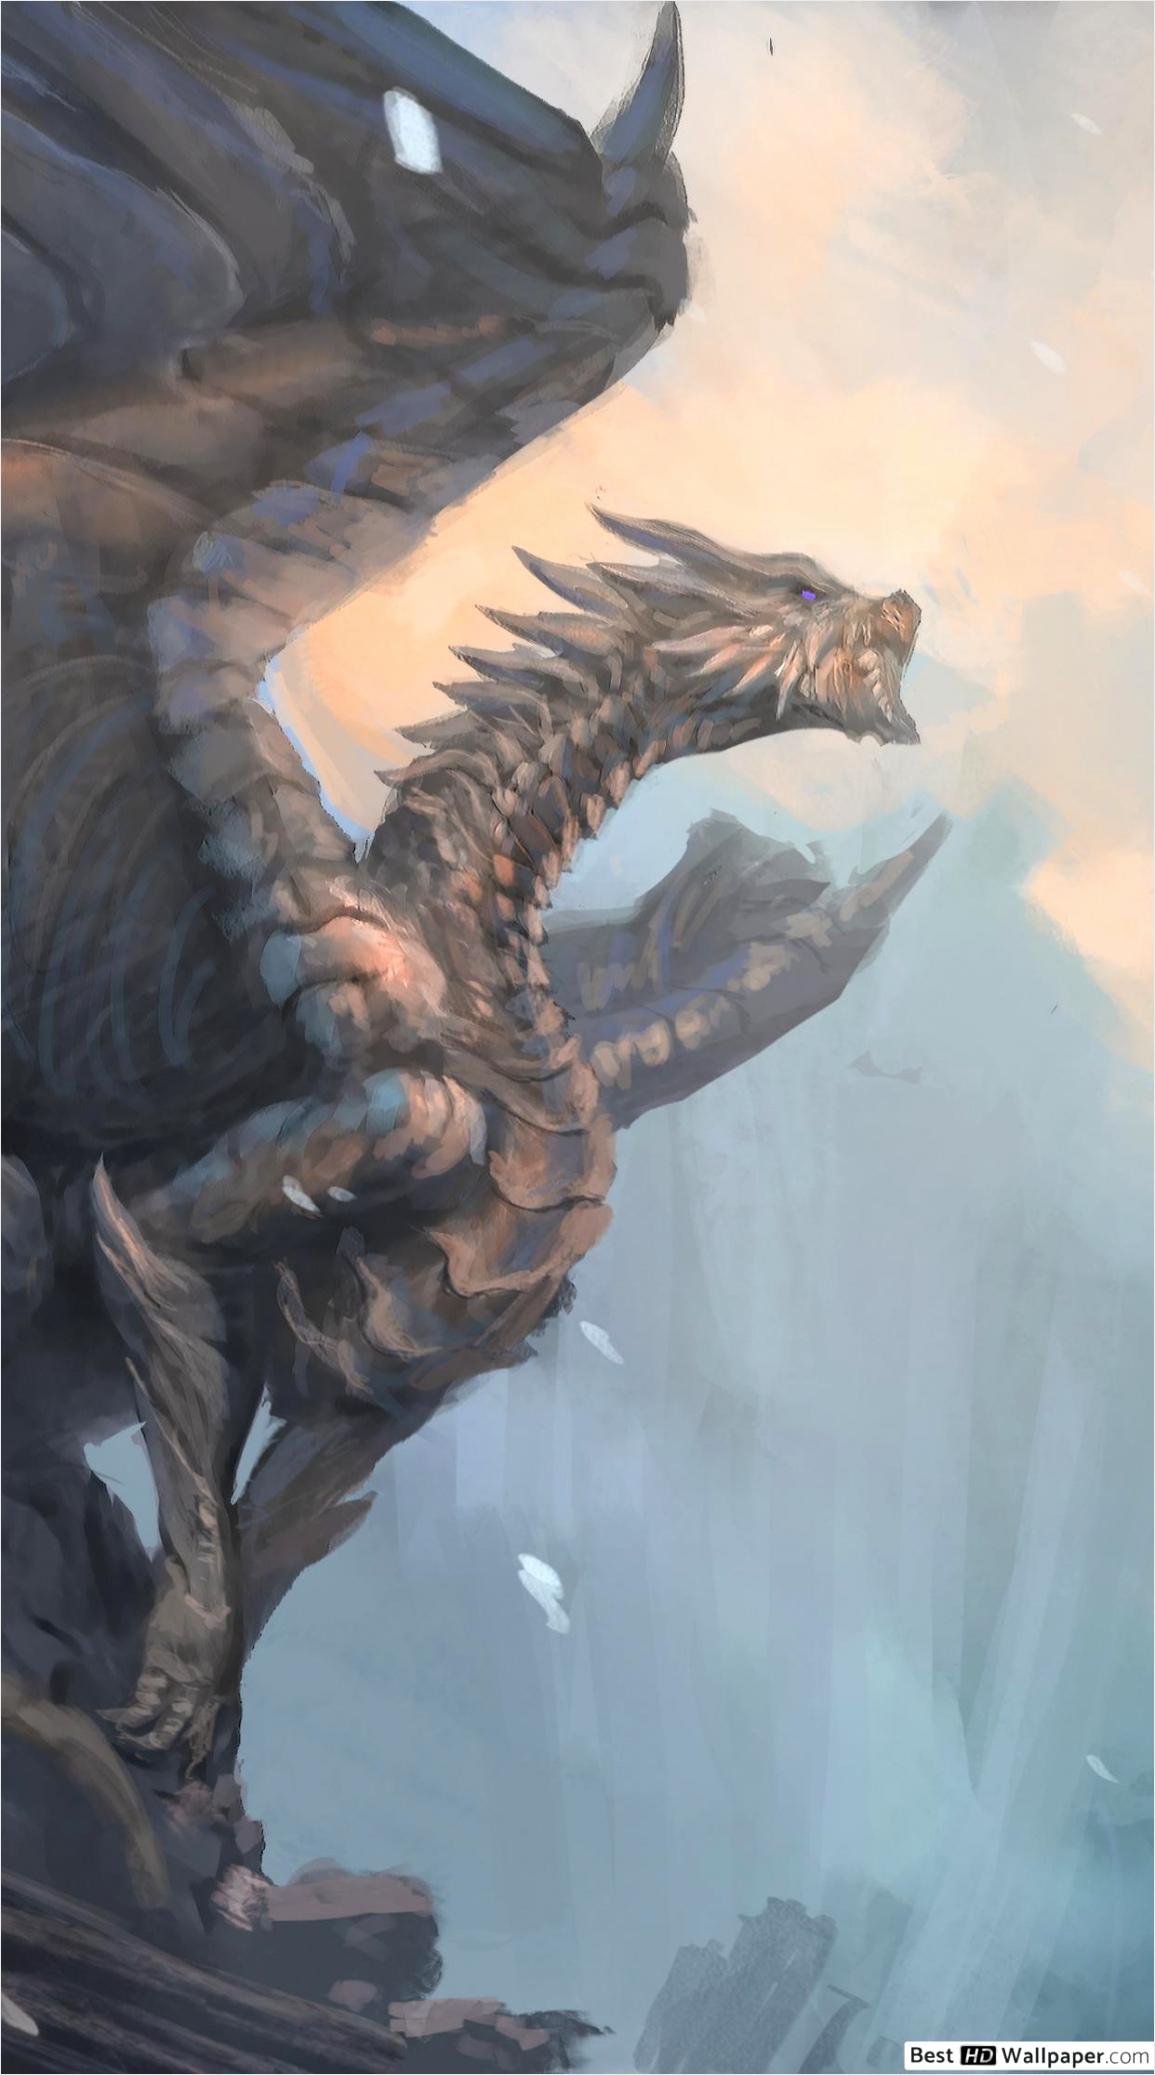 dragon mythisch wezen dt nl yuuui